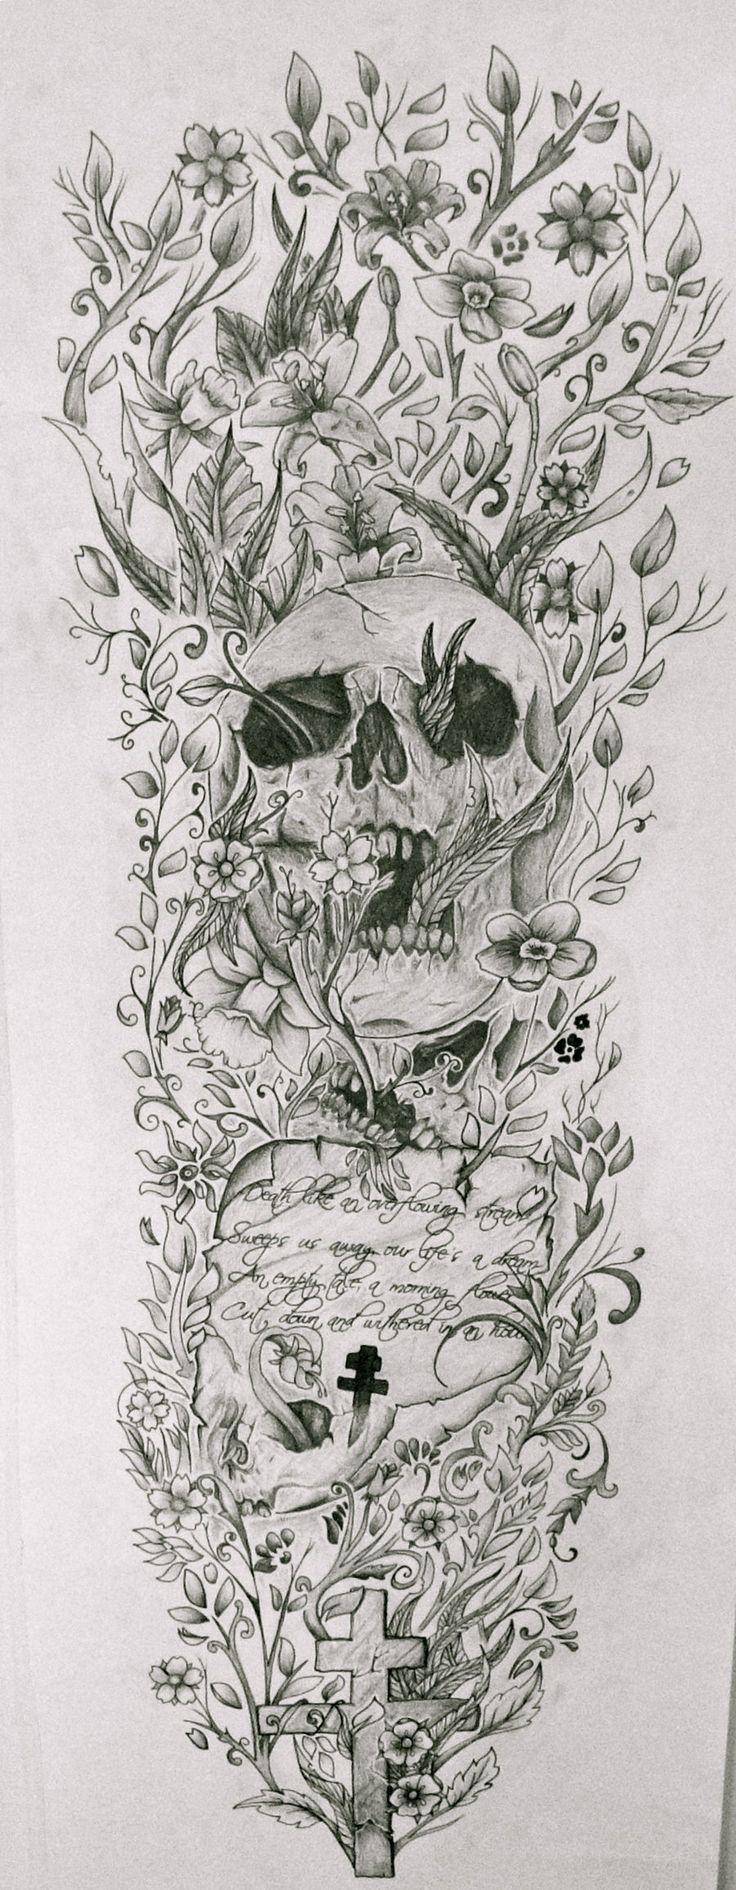 Full sleeve by josephblacktattoos.deviantart.com on @deviantART